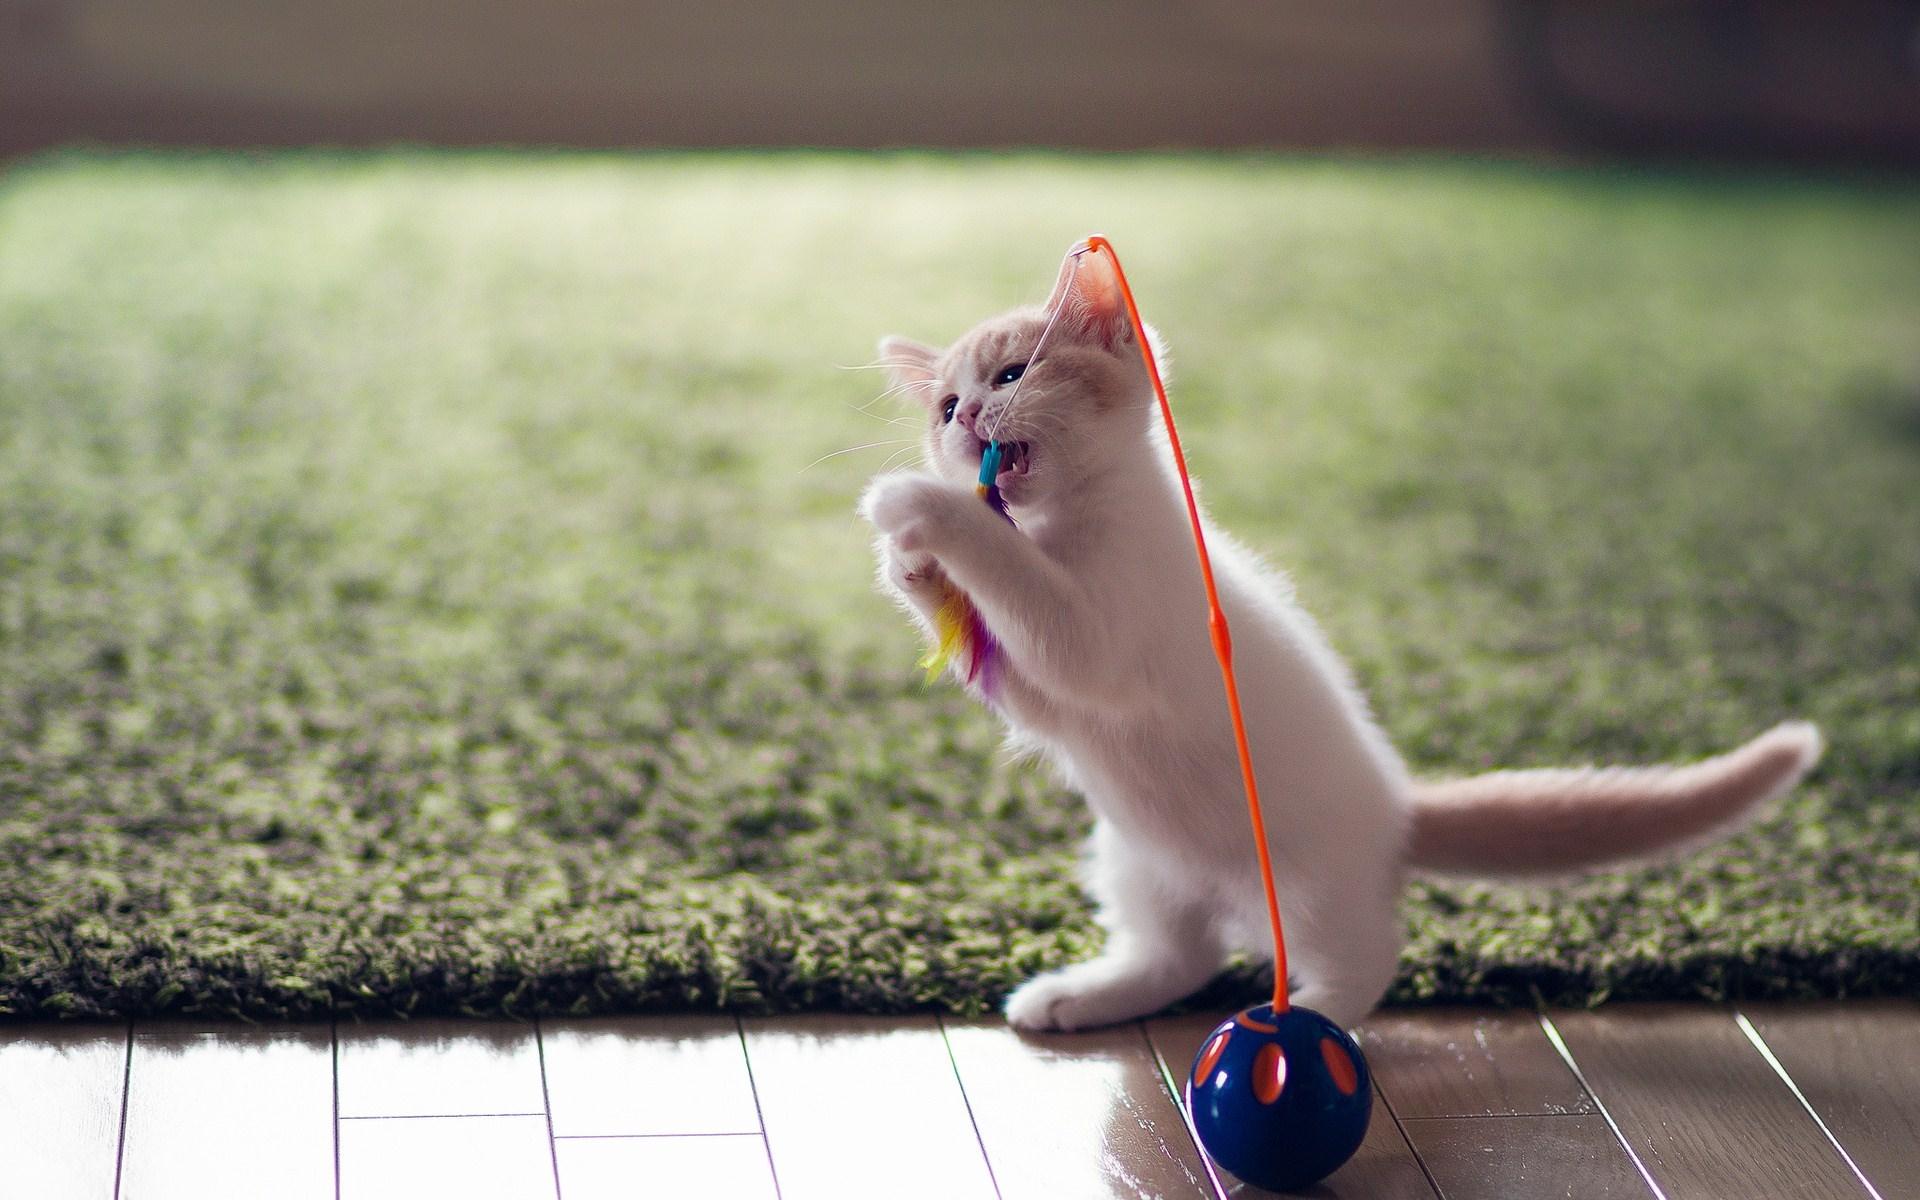 funny kitten wallpaper - HD Desktop Wallpapers | 4k HD